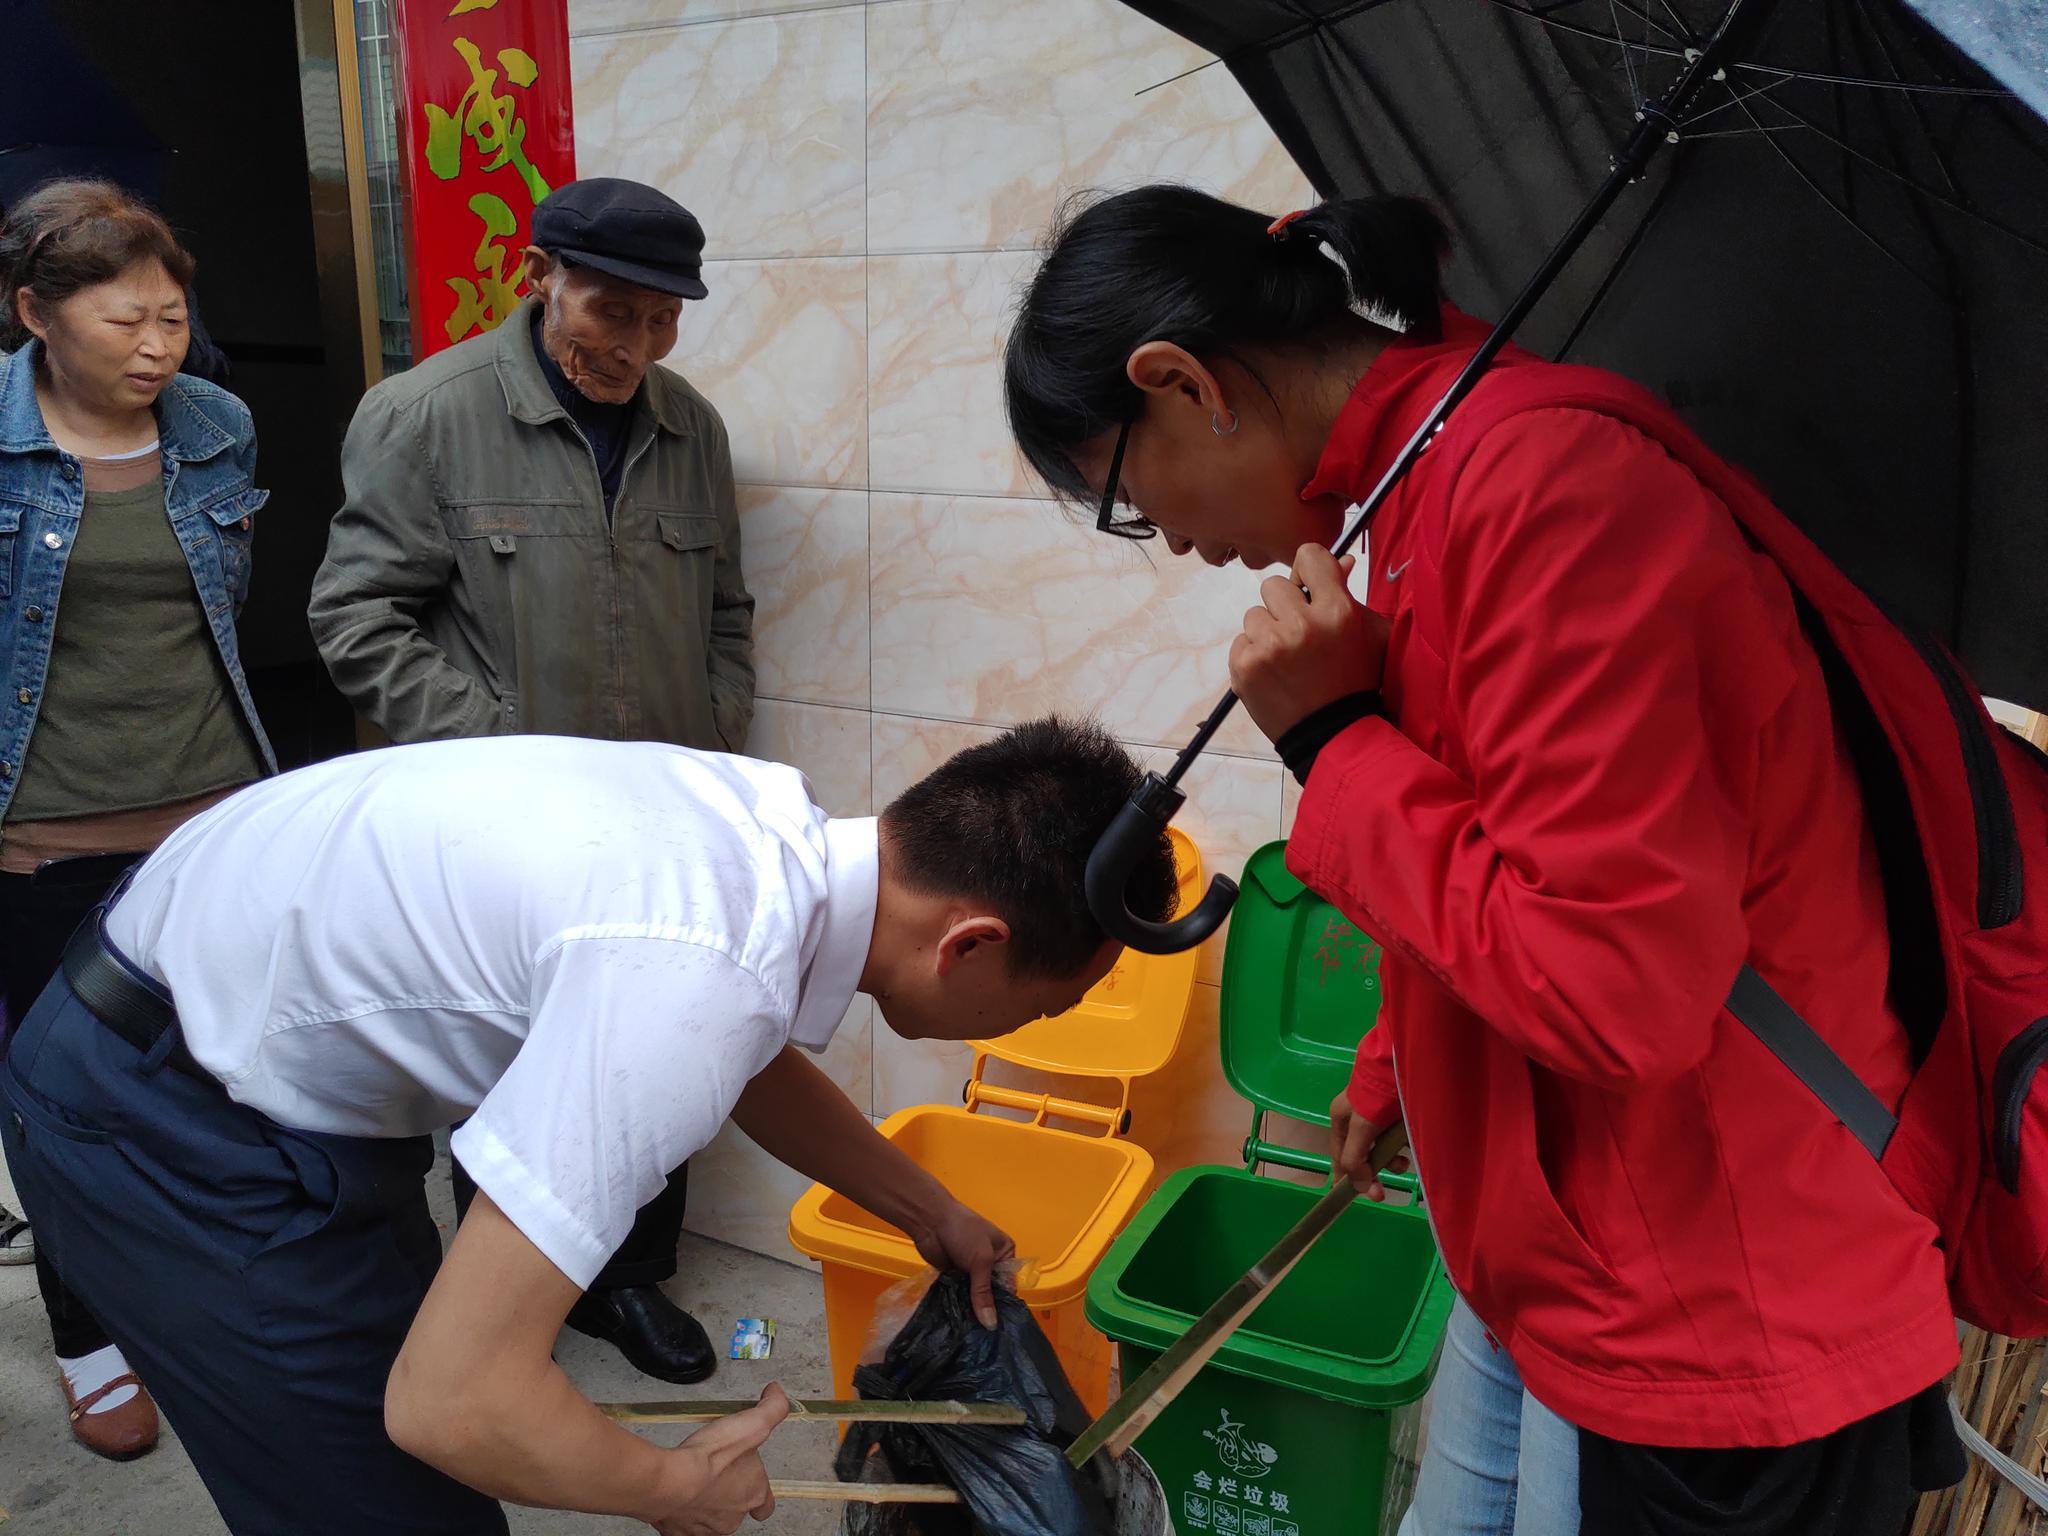 江西农村垃圾分类样本:村干部指导 贴红黑榜(图)|垃圾分类|江西|农村